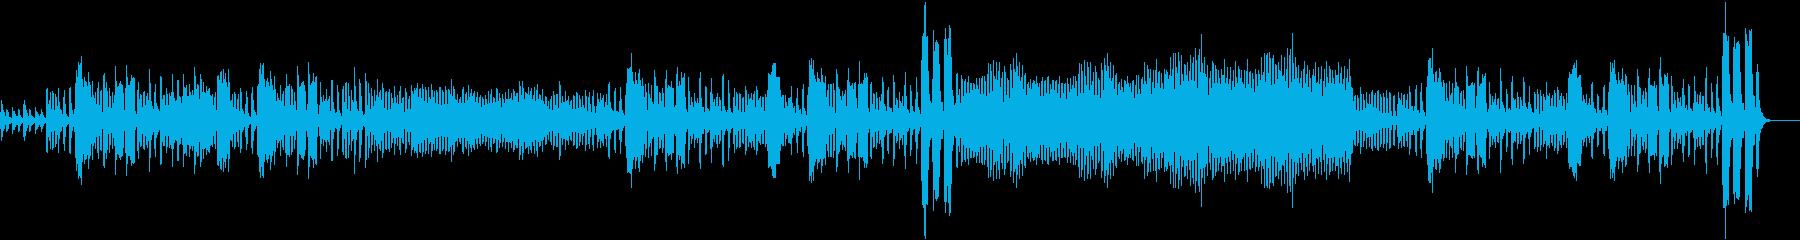 フルートがリズミカルなオーケストラ曲の再生済みの波形